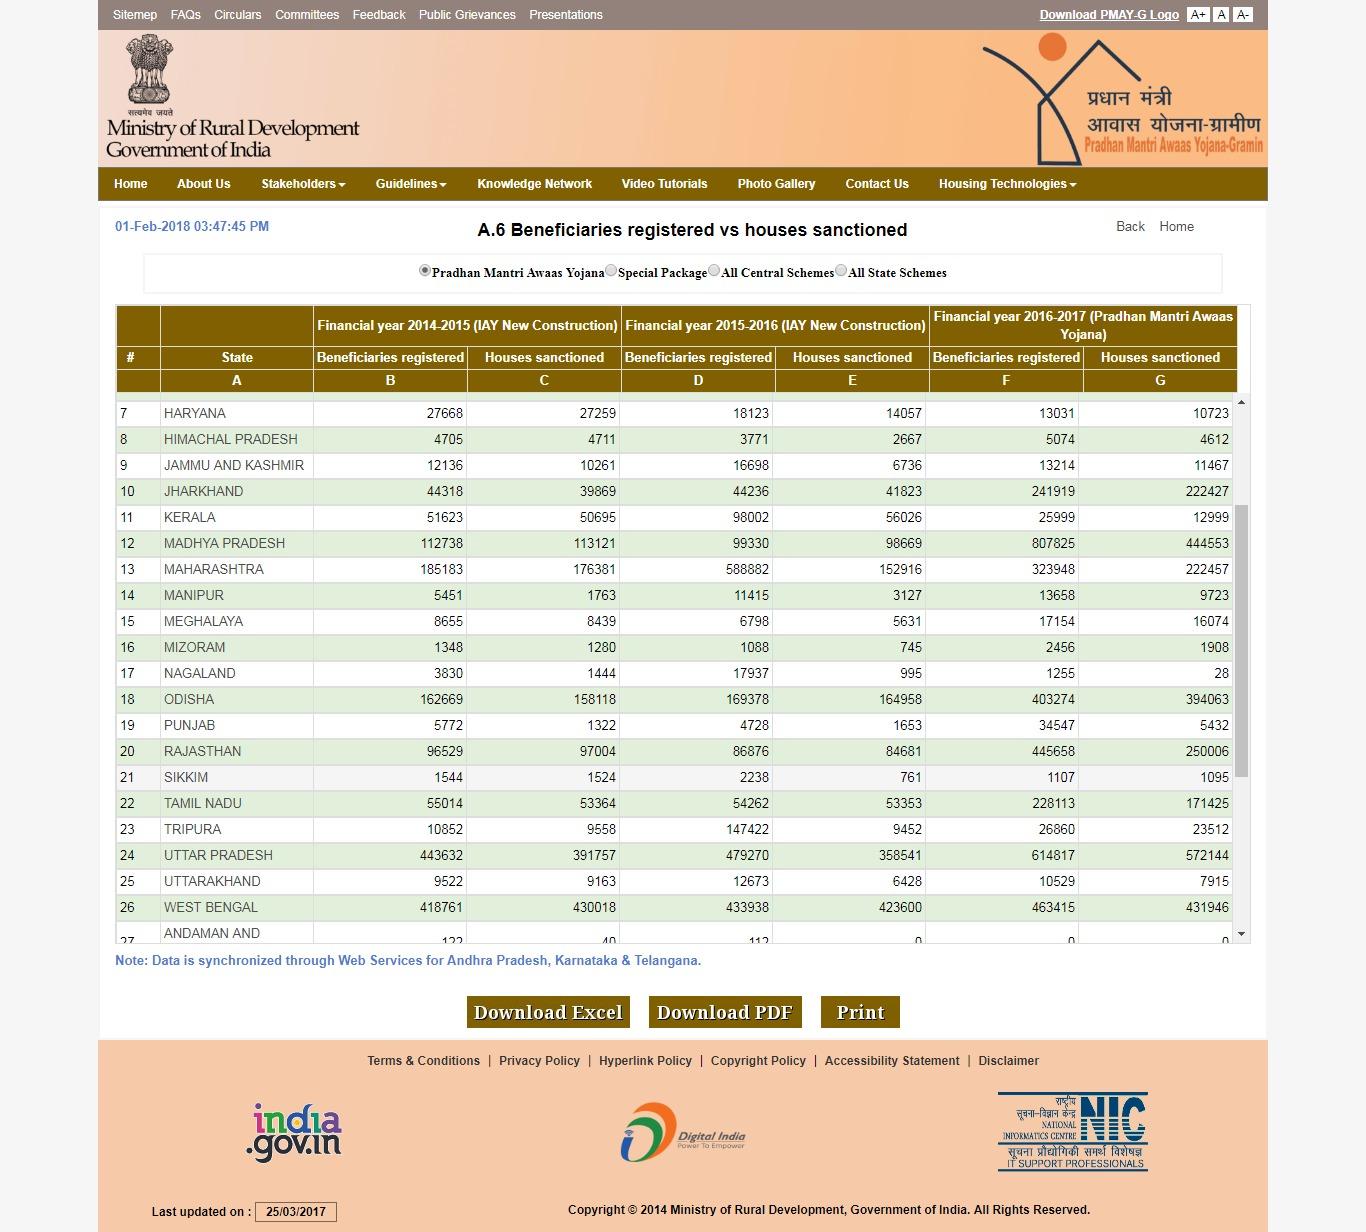 प्रधानमंत्री आवास योजना ग्रामीण लिस्ट राजस्थान 2021|ऑनलाइन नाम देखें|